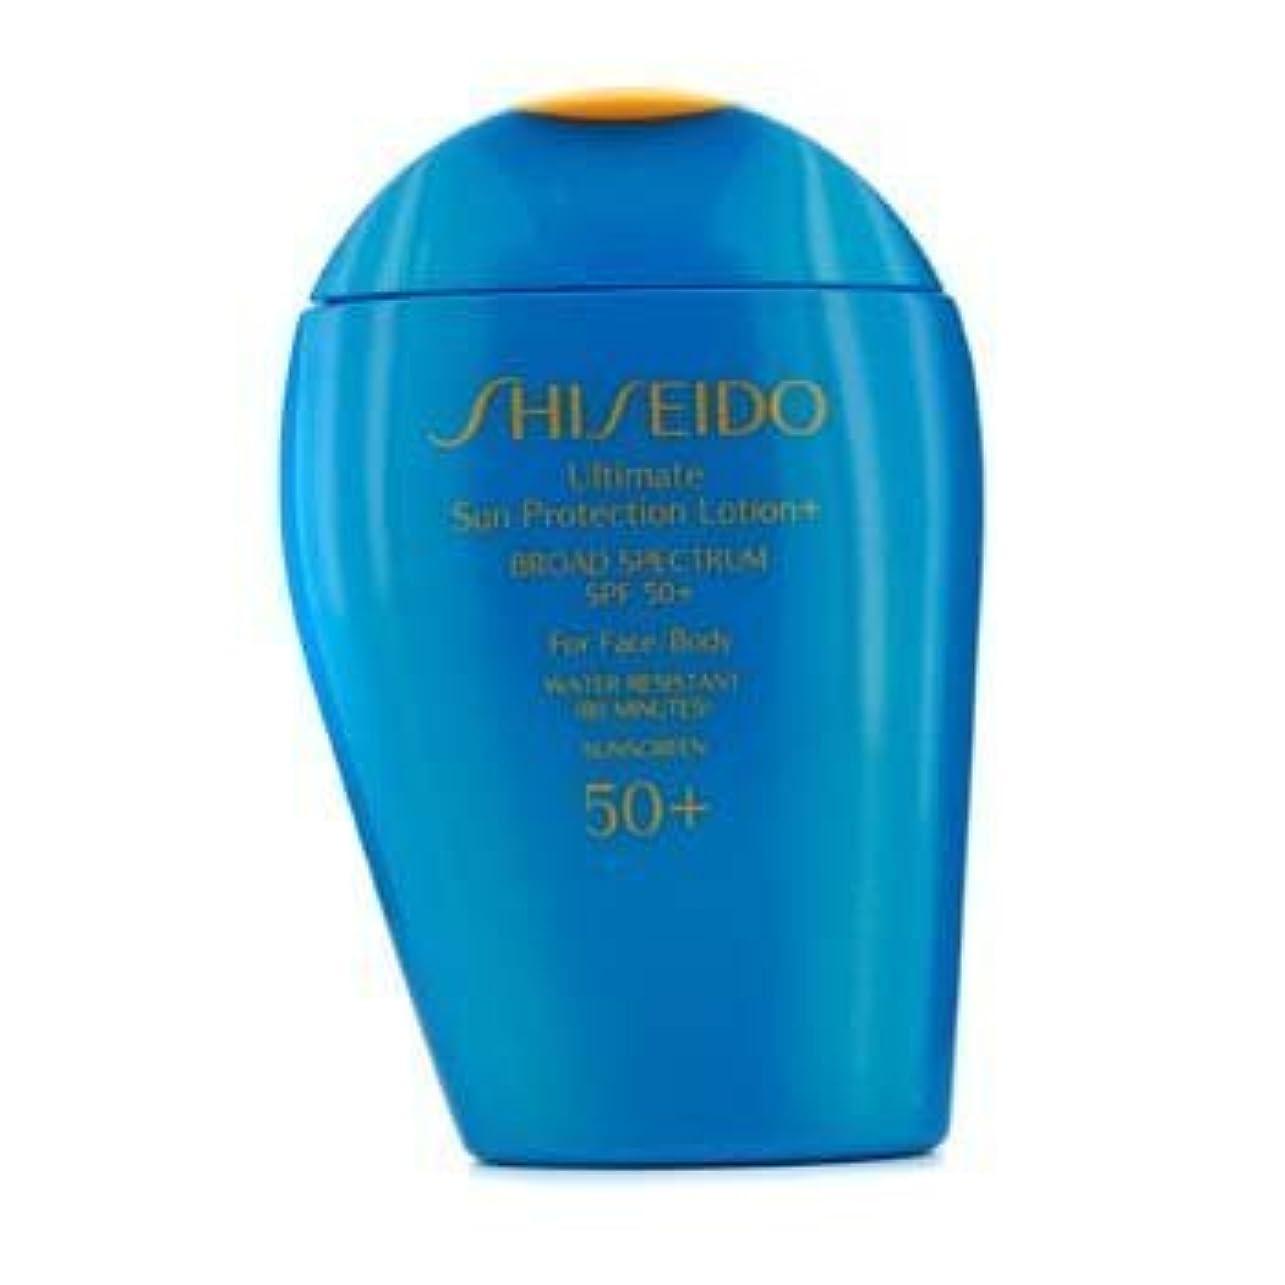 追い払う誕生日鉛Shiseido Ultimate Sun Protection Face & Body Lotion SPF 50+ - 100ml/3.3oz by Shiseido [並行輸入品]